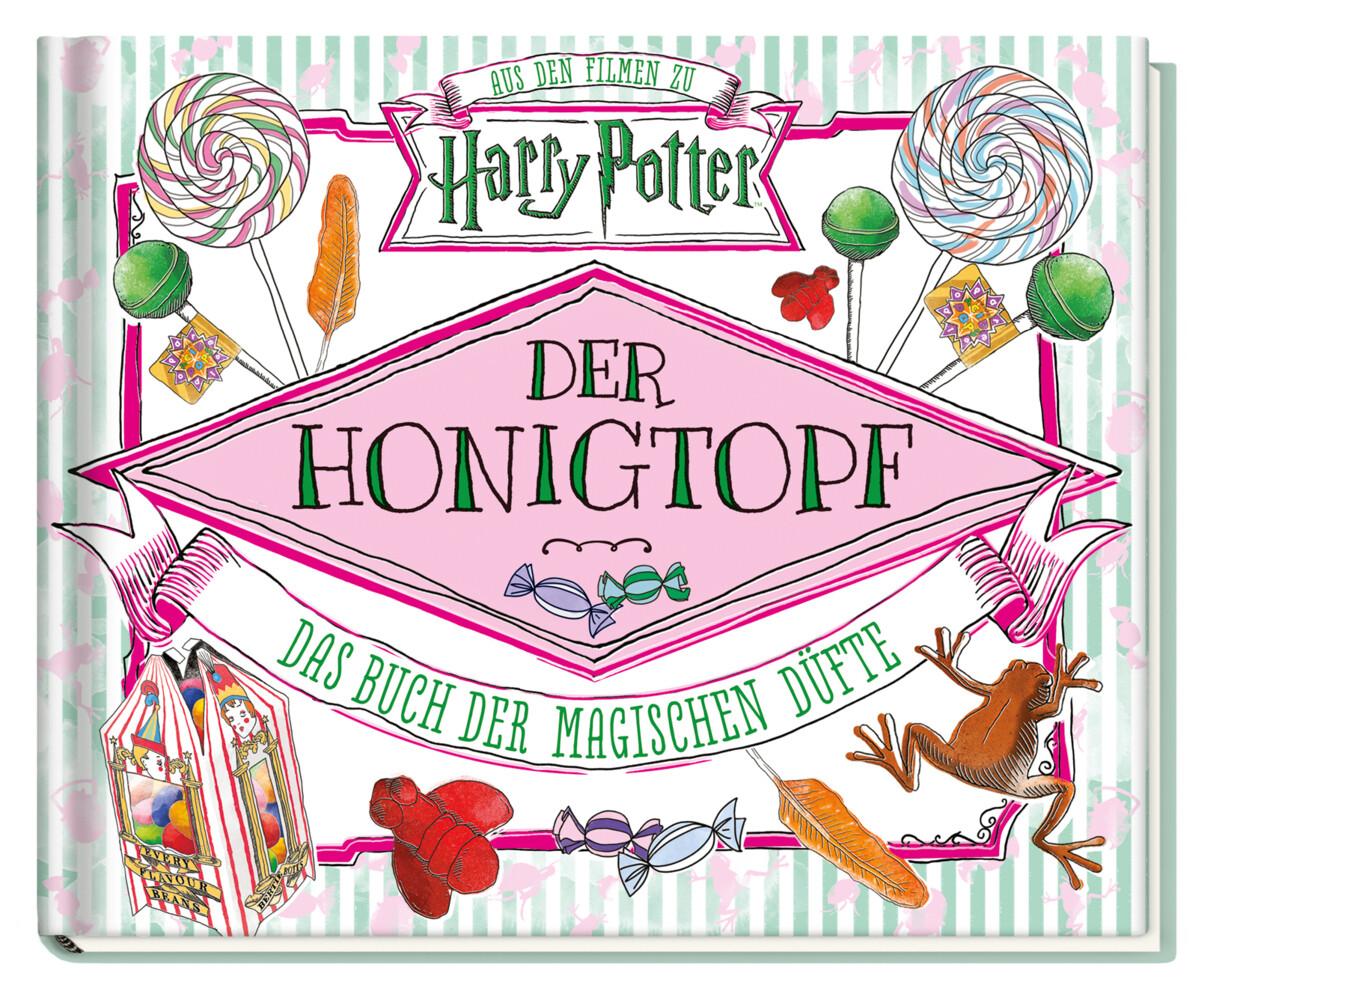 Aus den Filmen zu Harry Potter: Der Honigtopf - Das Buch der magischen Düfte als Buch